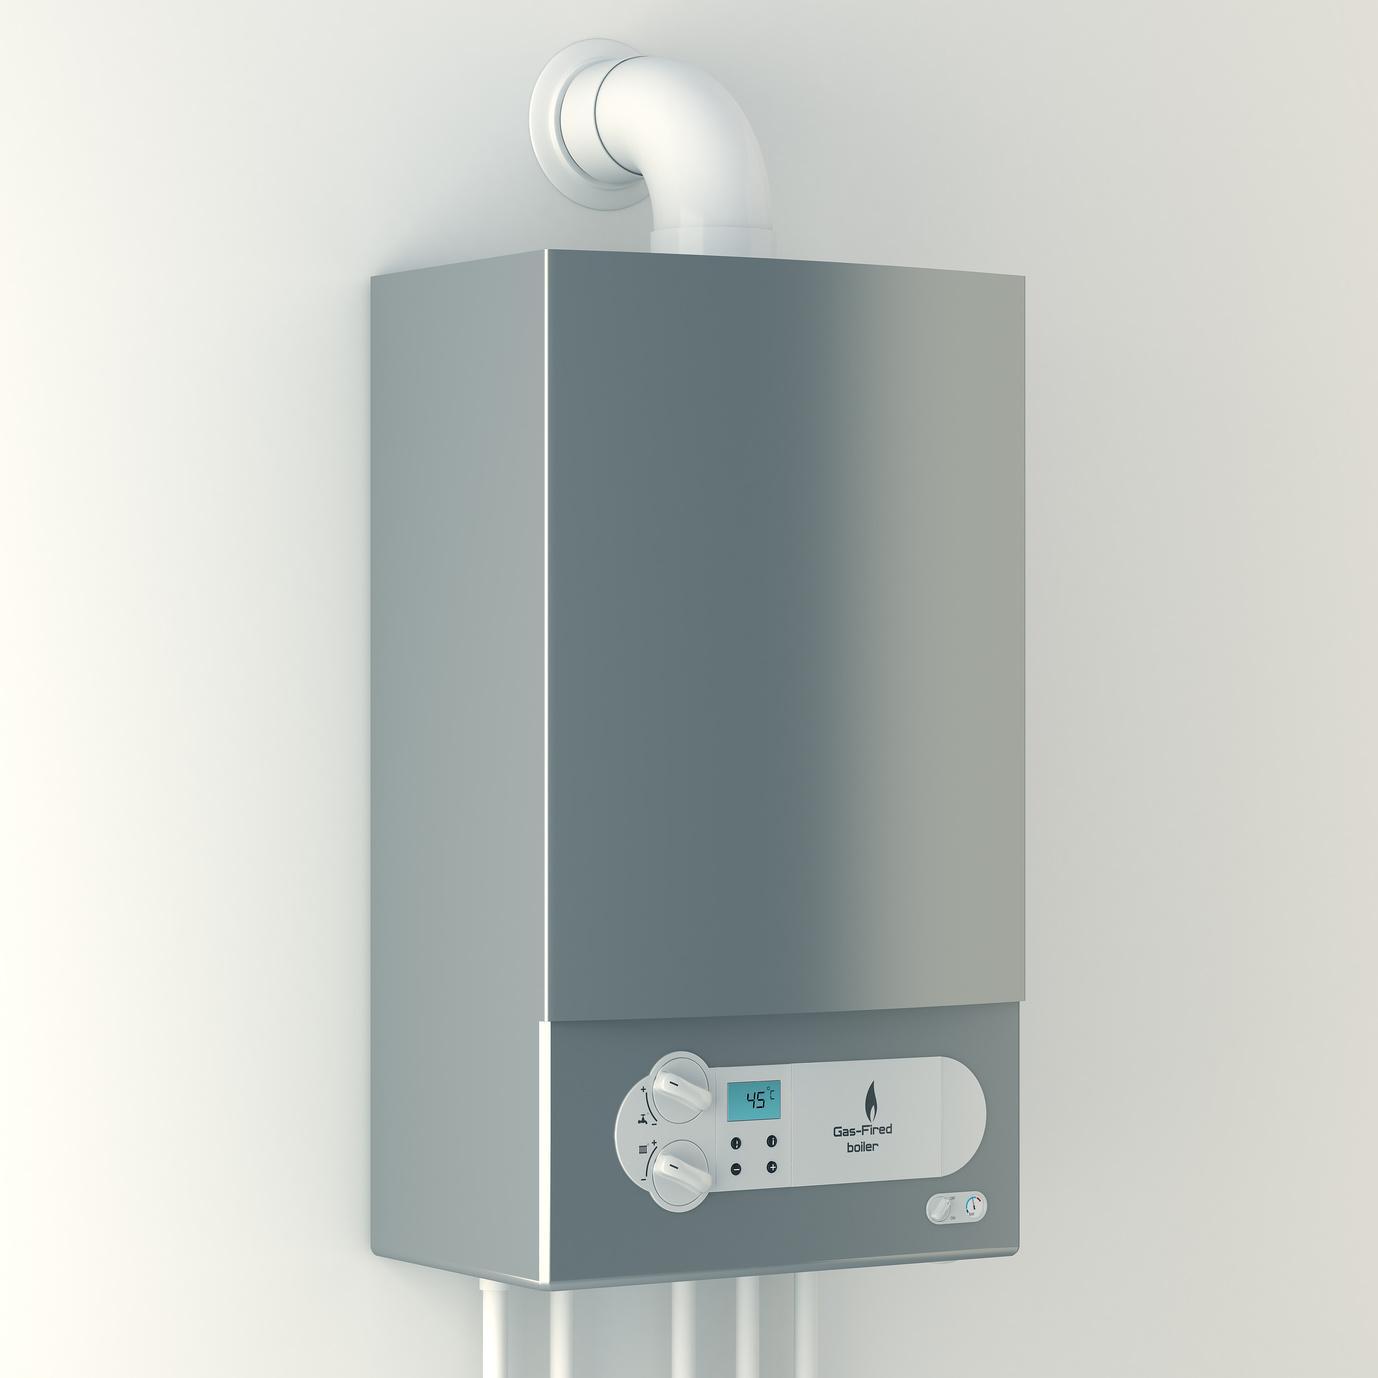 Eine Gastherme für Warmwasser und Heizung